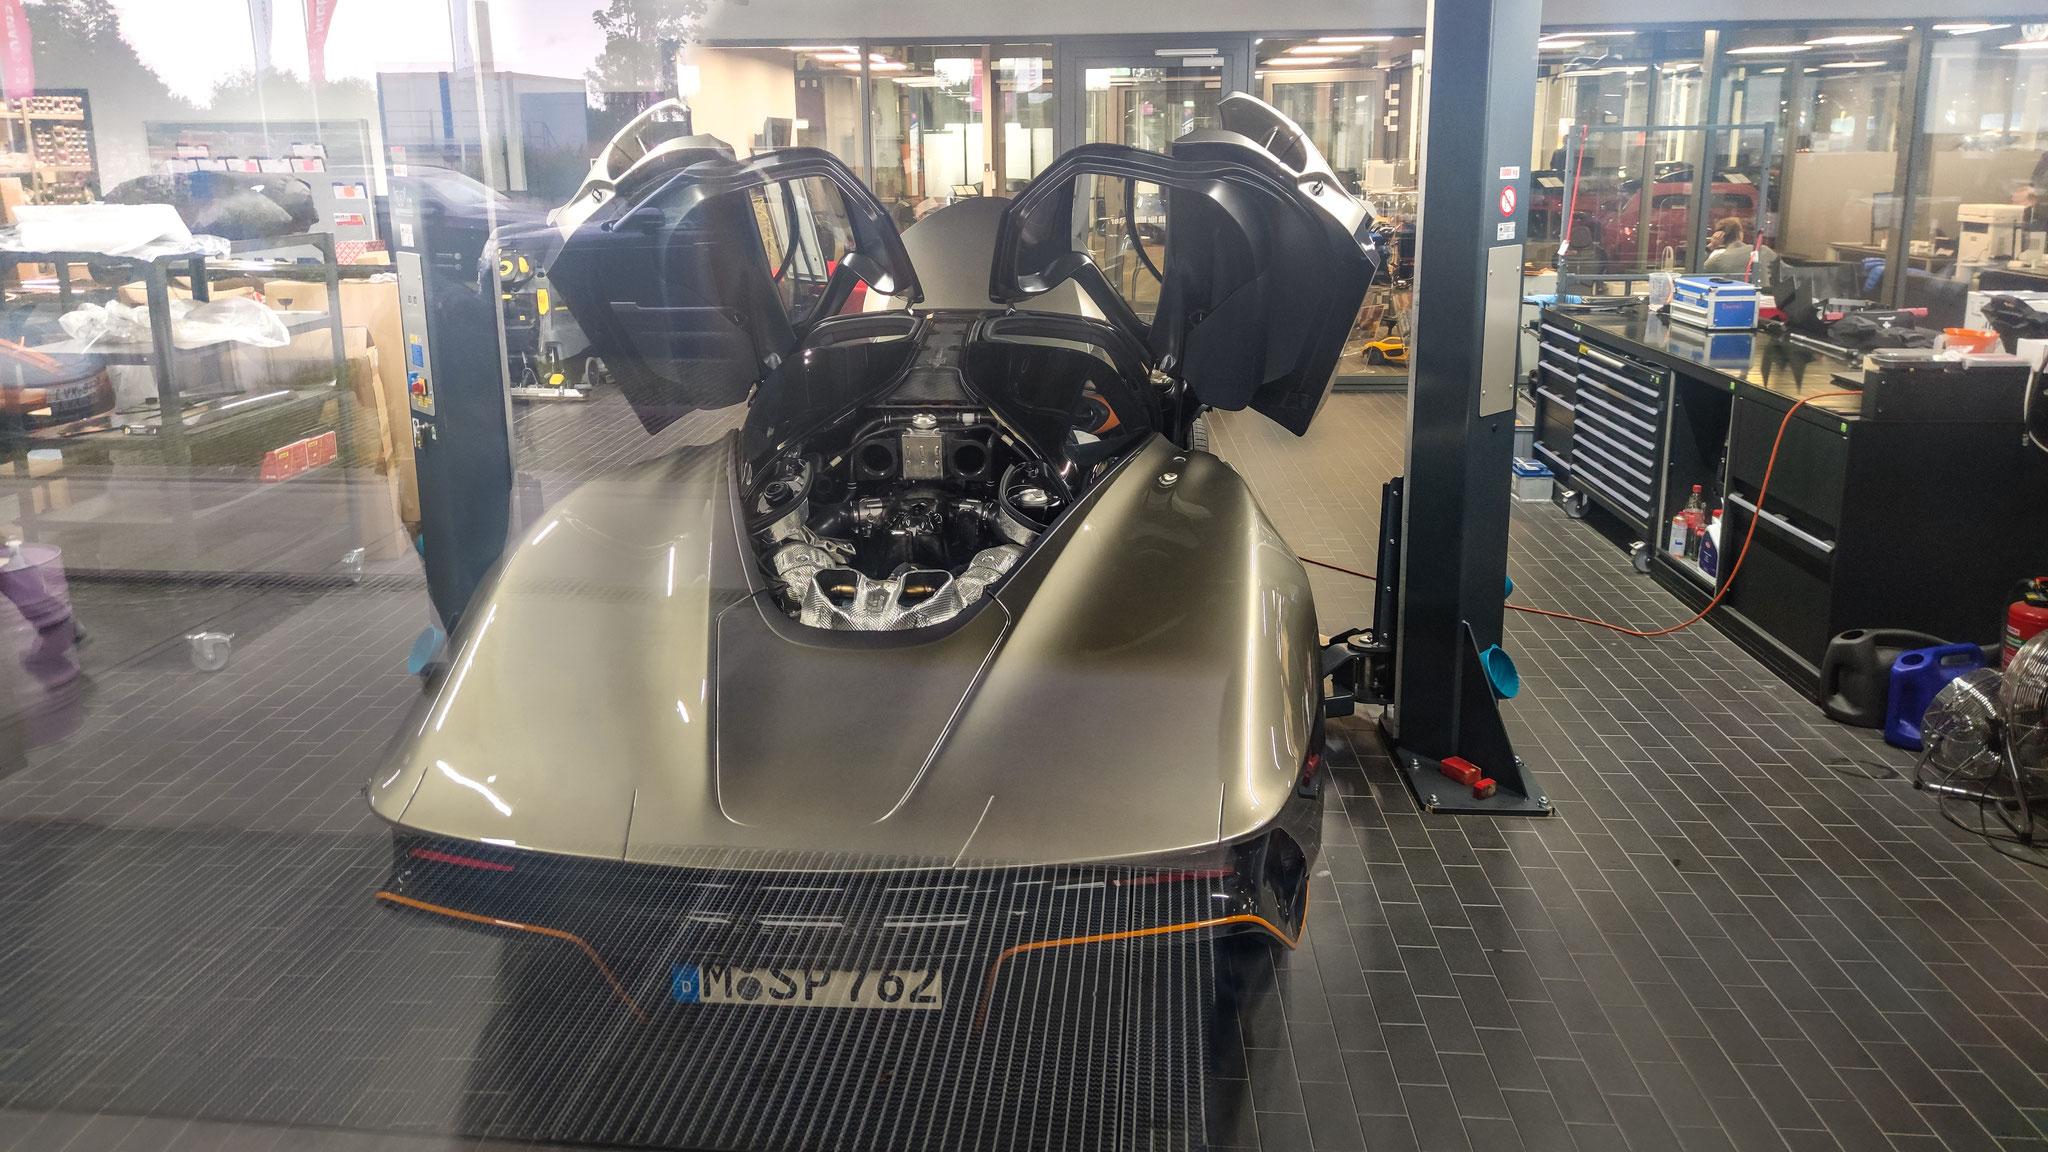 McLaren Speedtail - M-SP-762